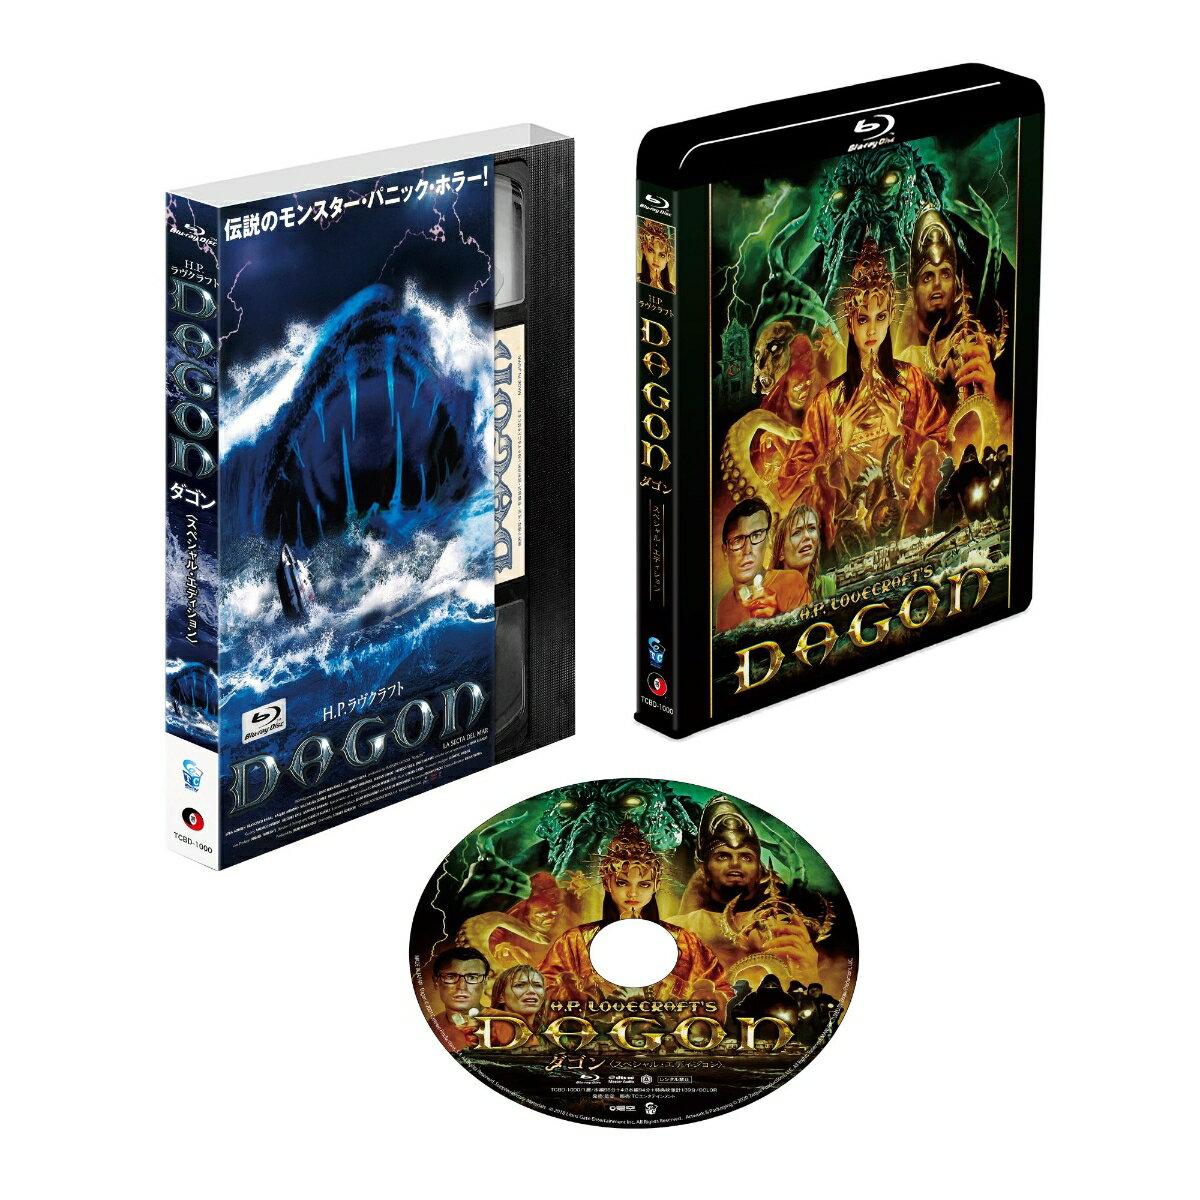 DAGON -ダゴンー スペシャル・エディション【Blu-ray】画像